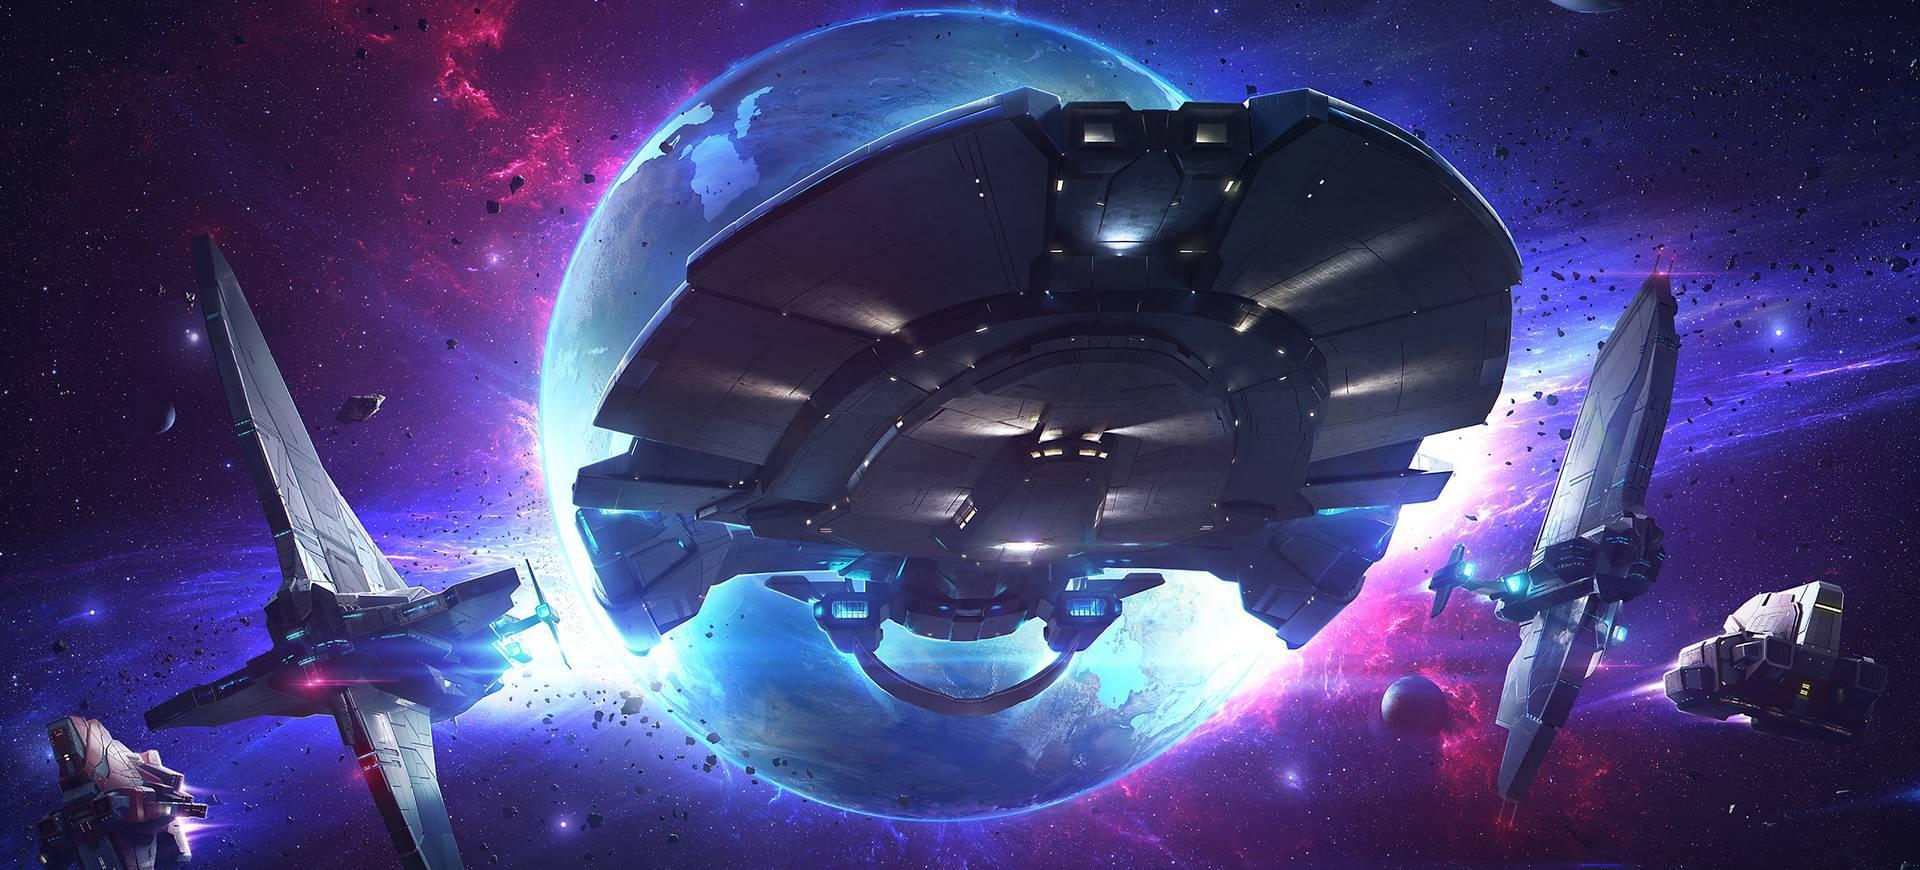 Master of Orion - Thập tự chinh giữa những vì sao - Trải Nghiệm Game